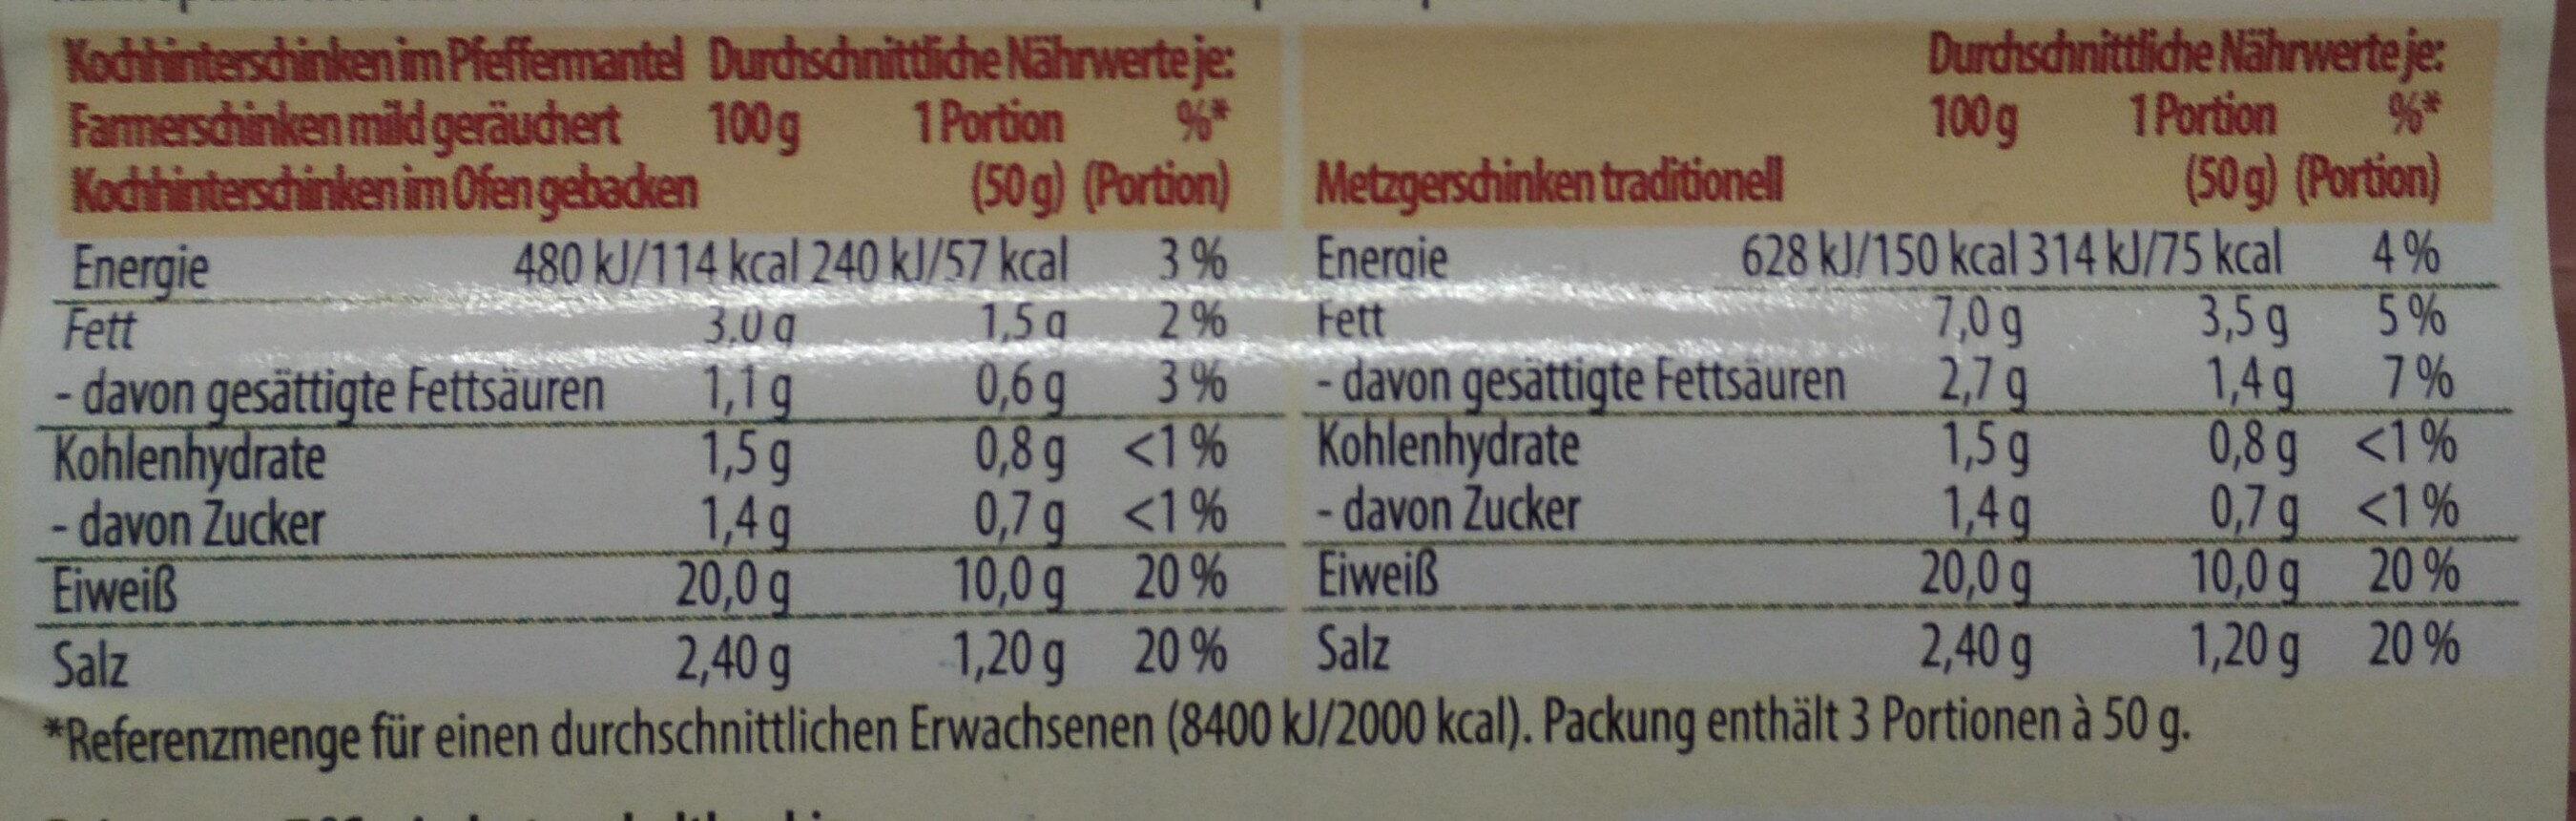 Gourmet Schinkenplatte - Voedingswaarden